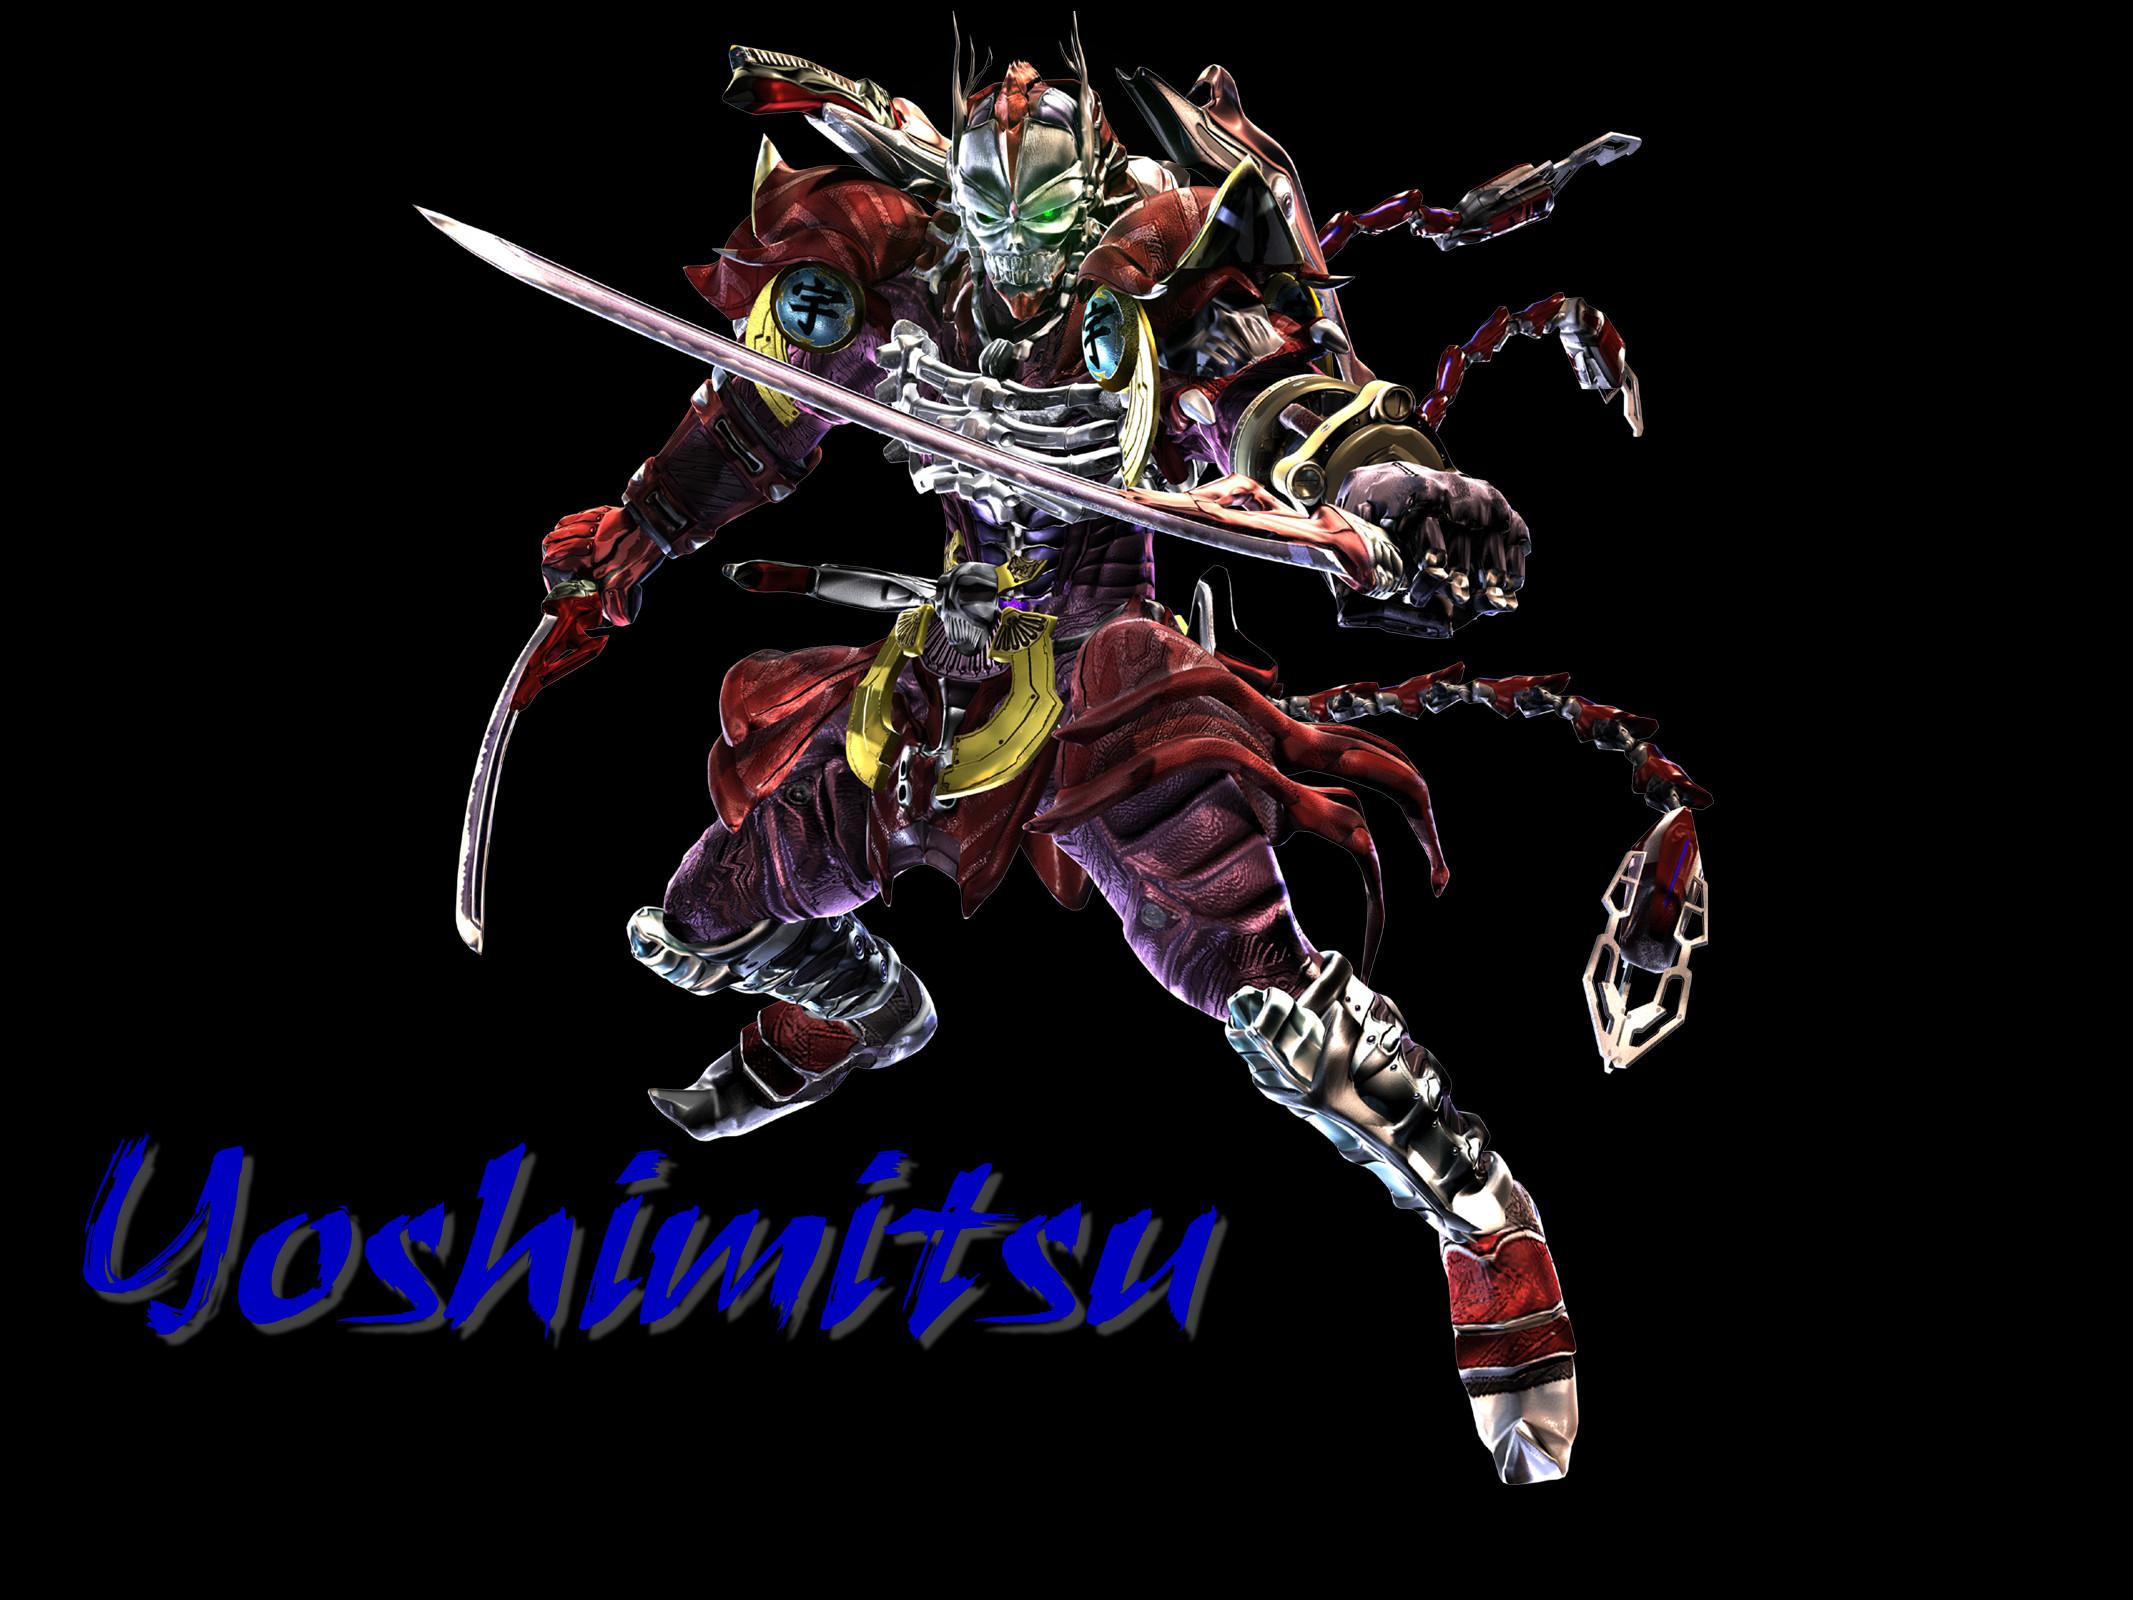 Yoshimitsu Tekken 6 Wallpaper Yoshimitsu Wallpaper b...